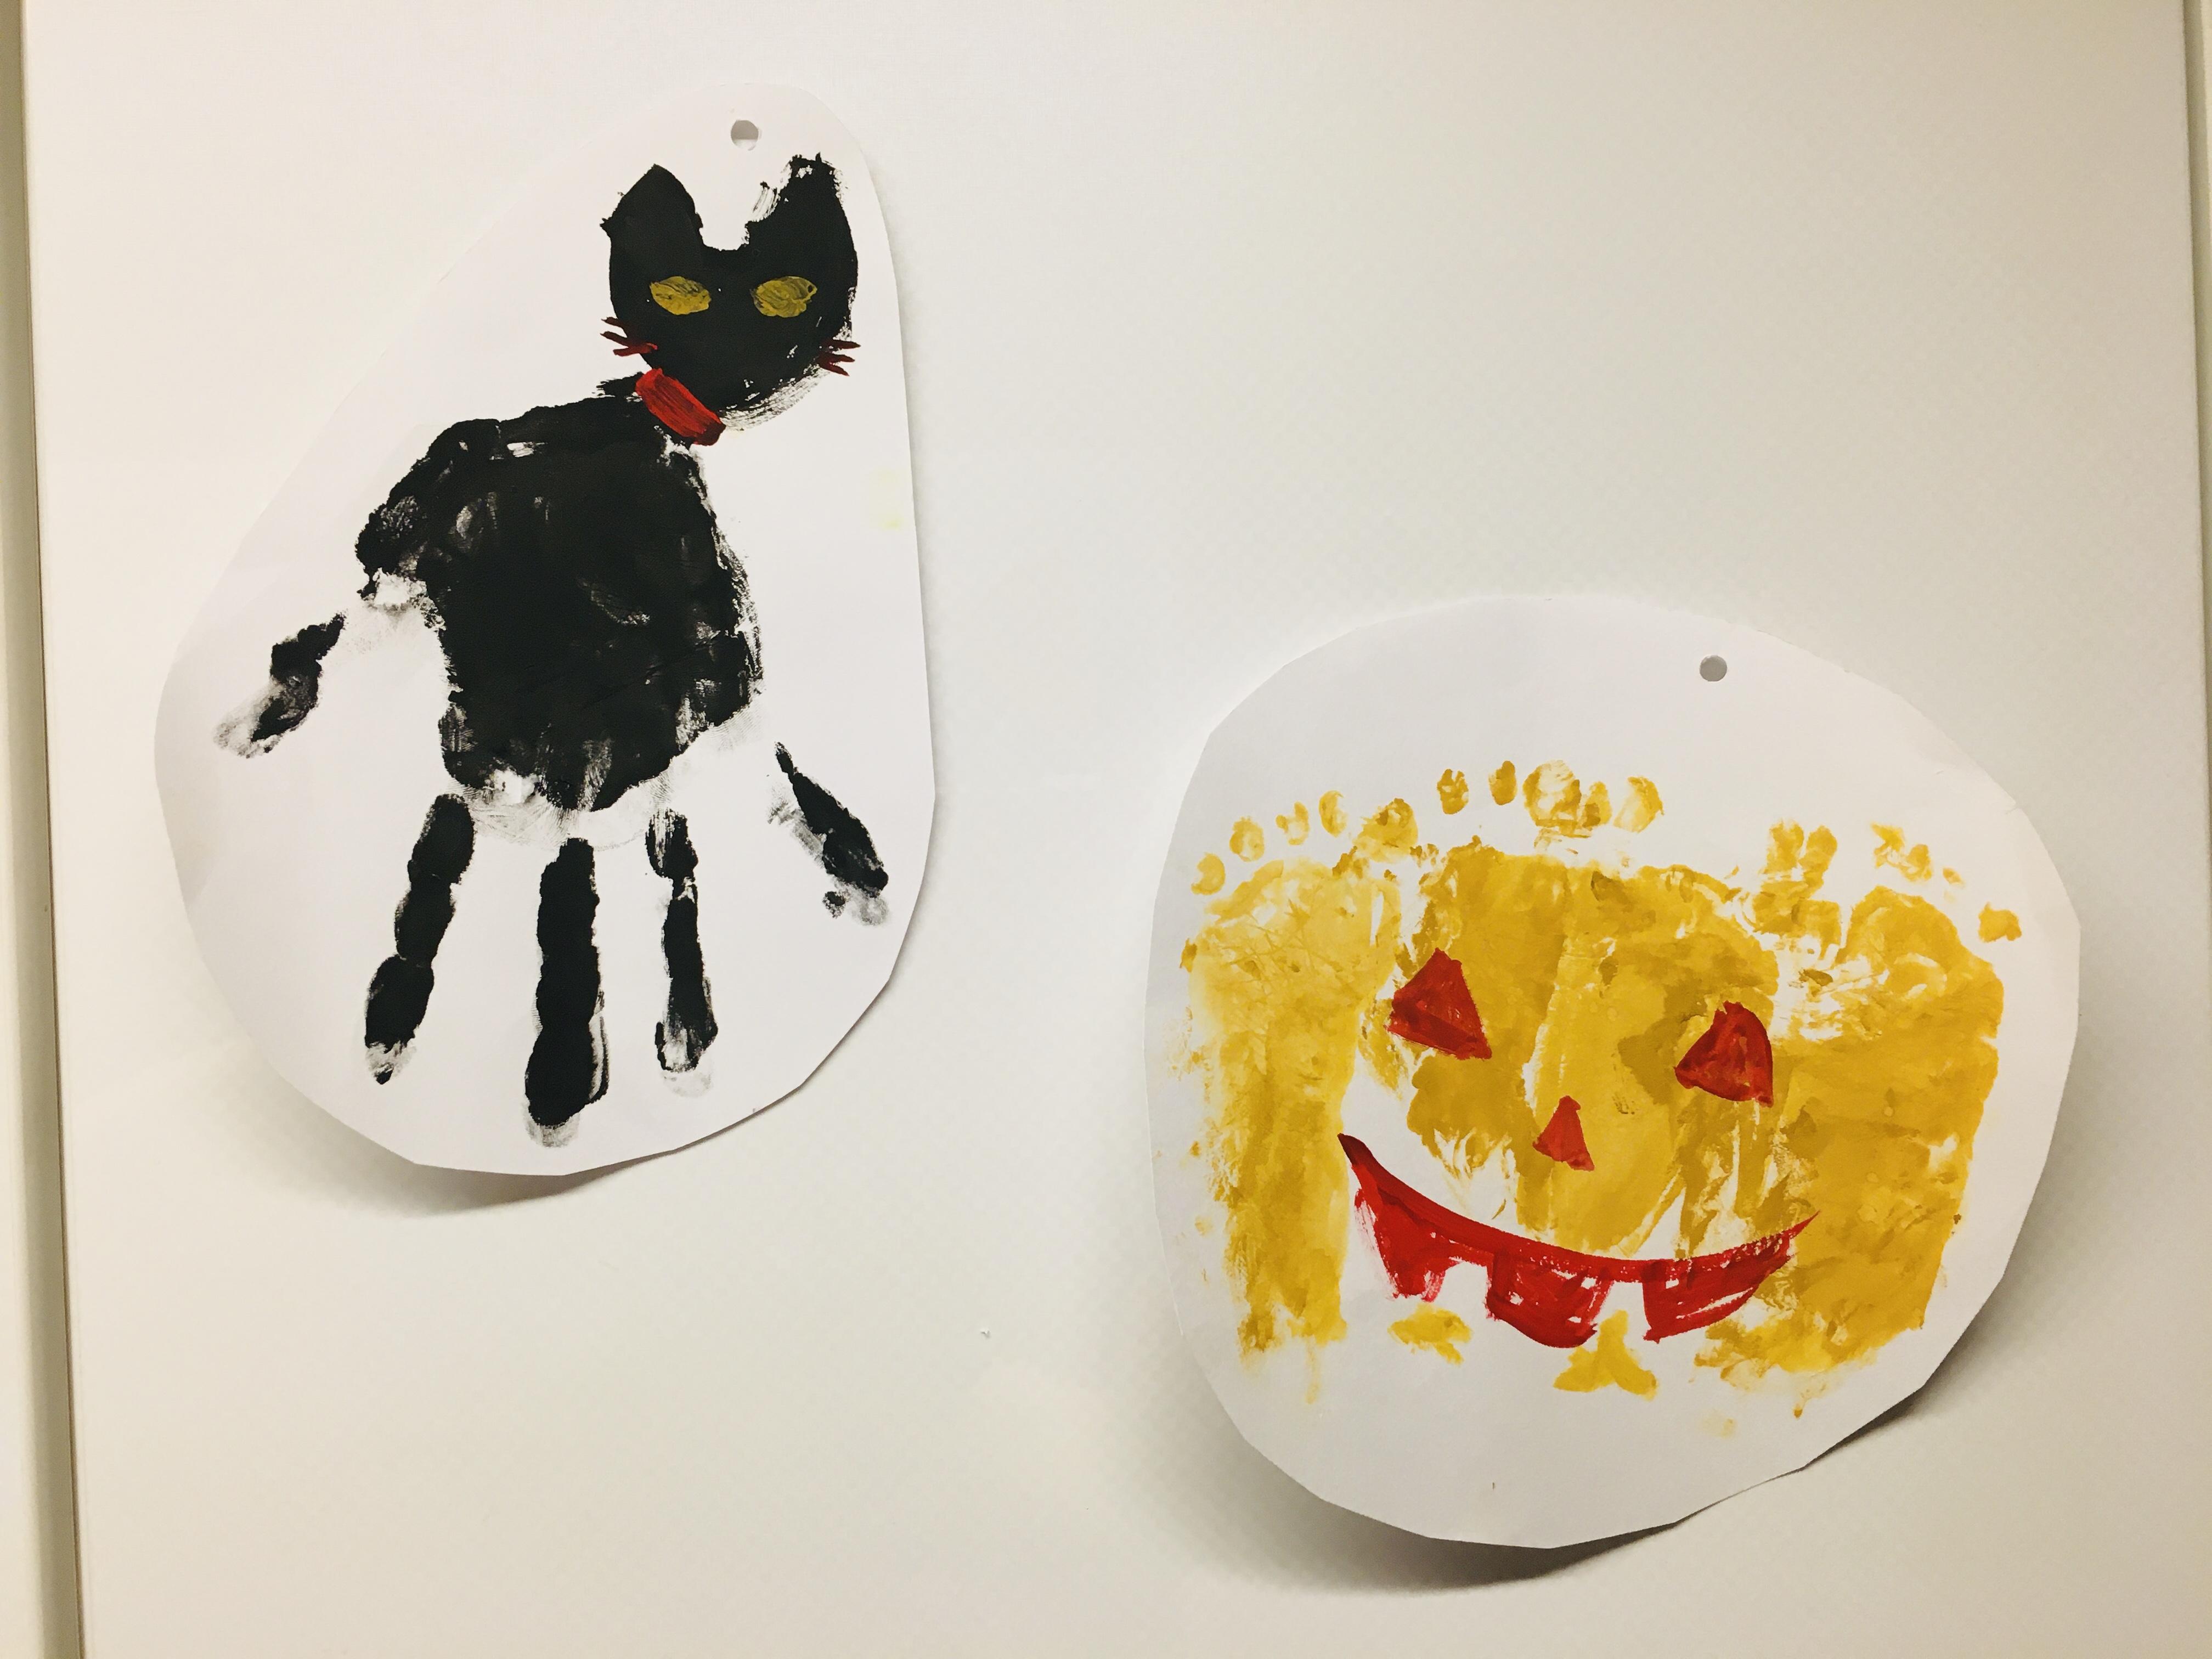 「手形足形アート」で簡単ハロウィーン飾りの作り方